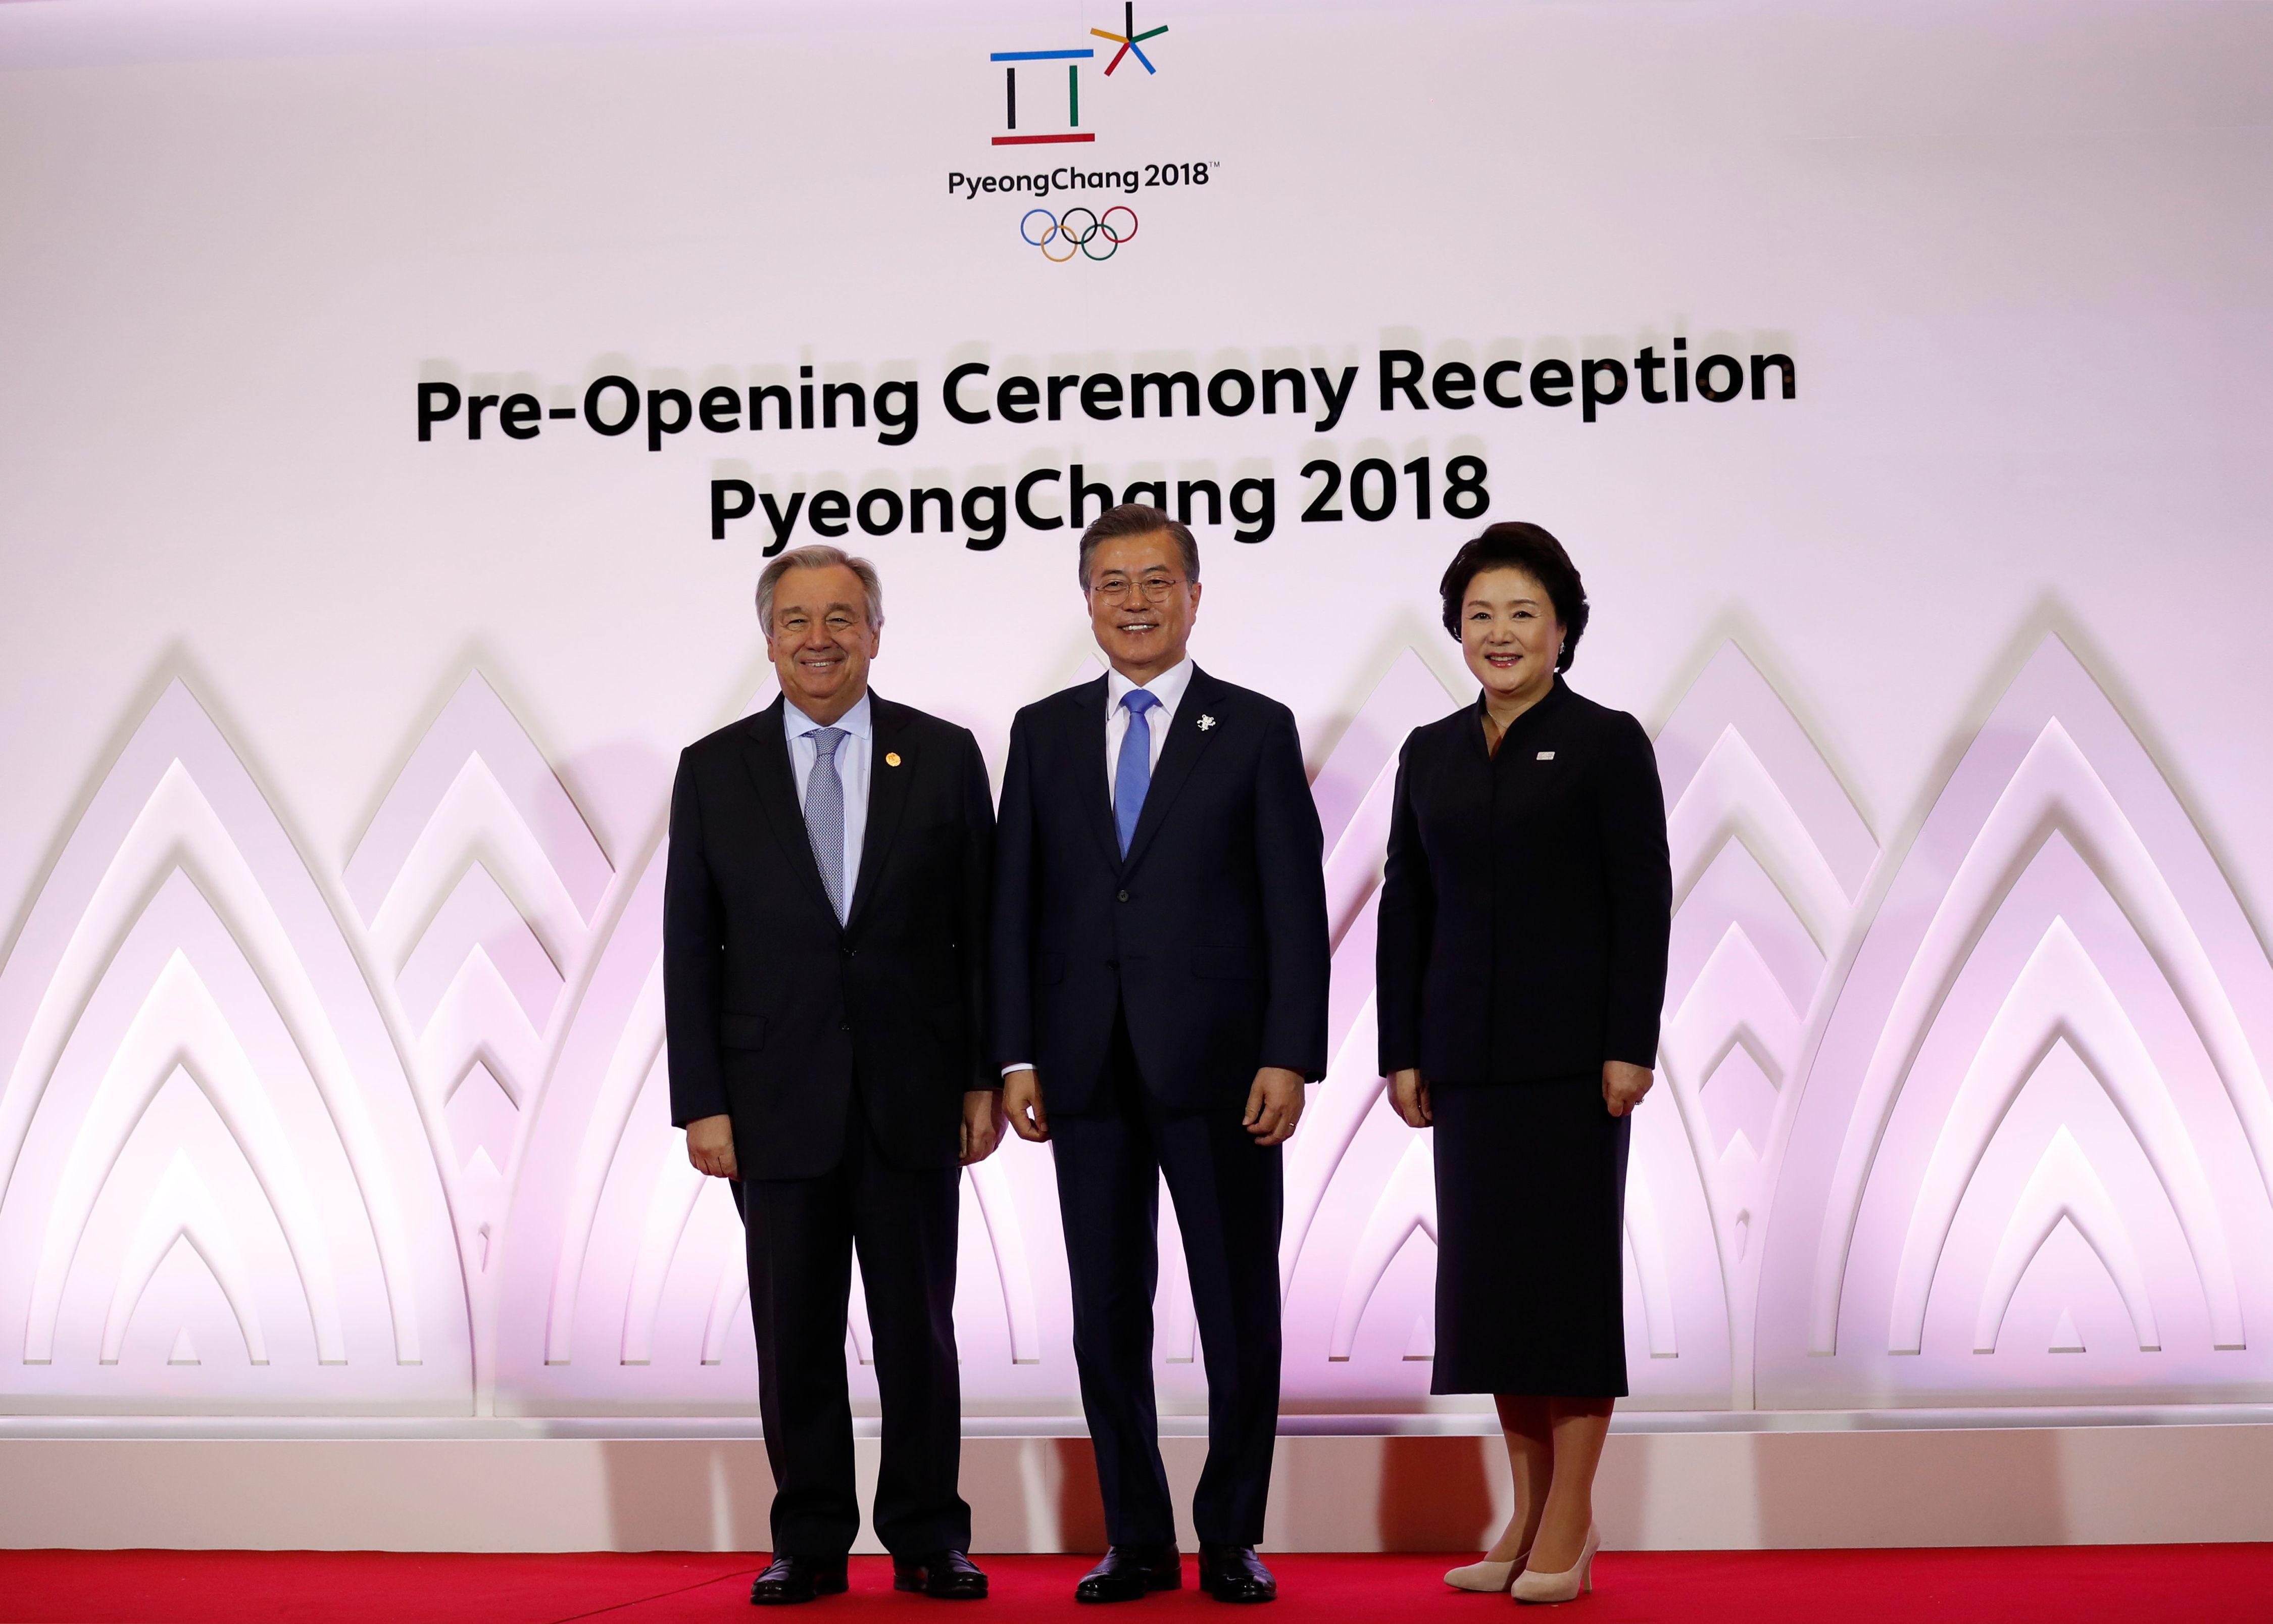 الأمين العام للأمم المتحدة فى كوريا الجنوبية